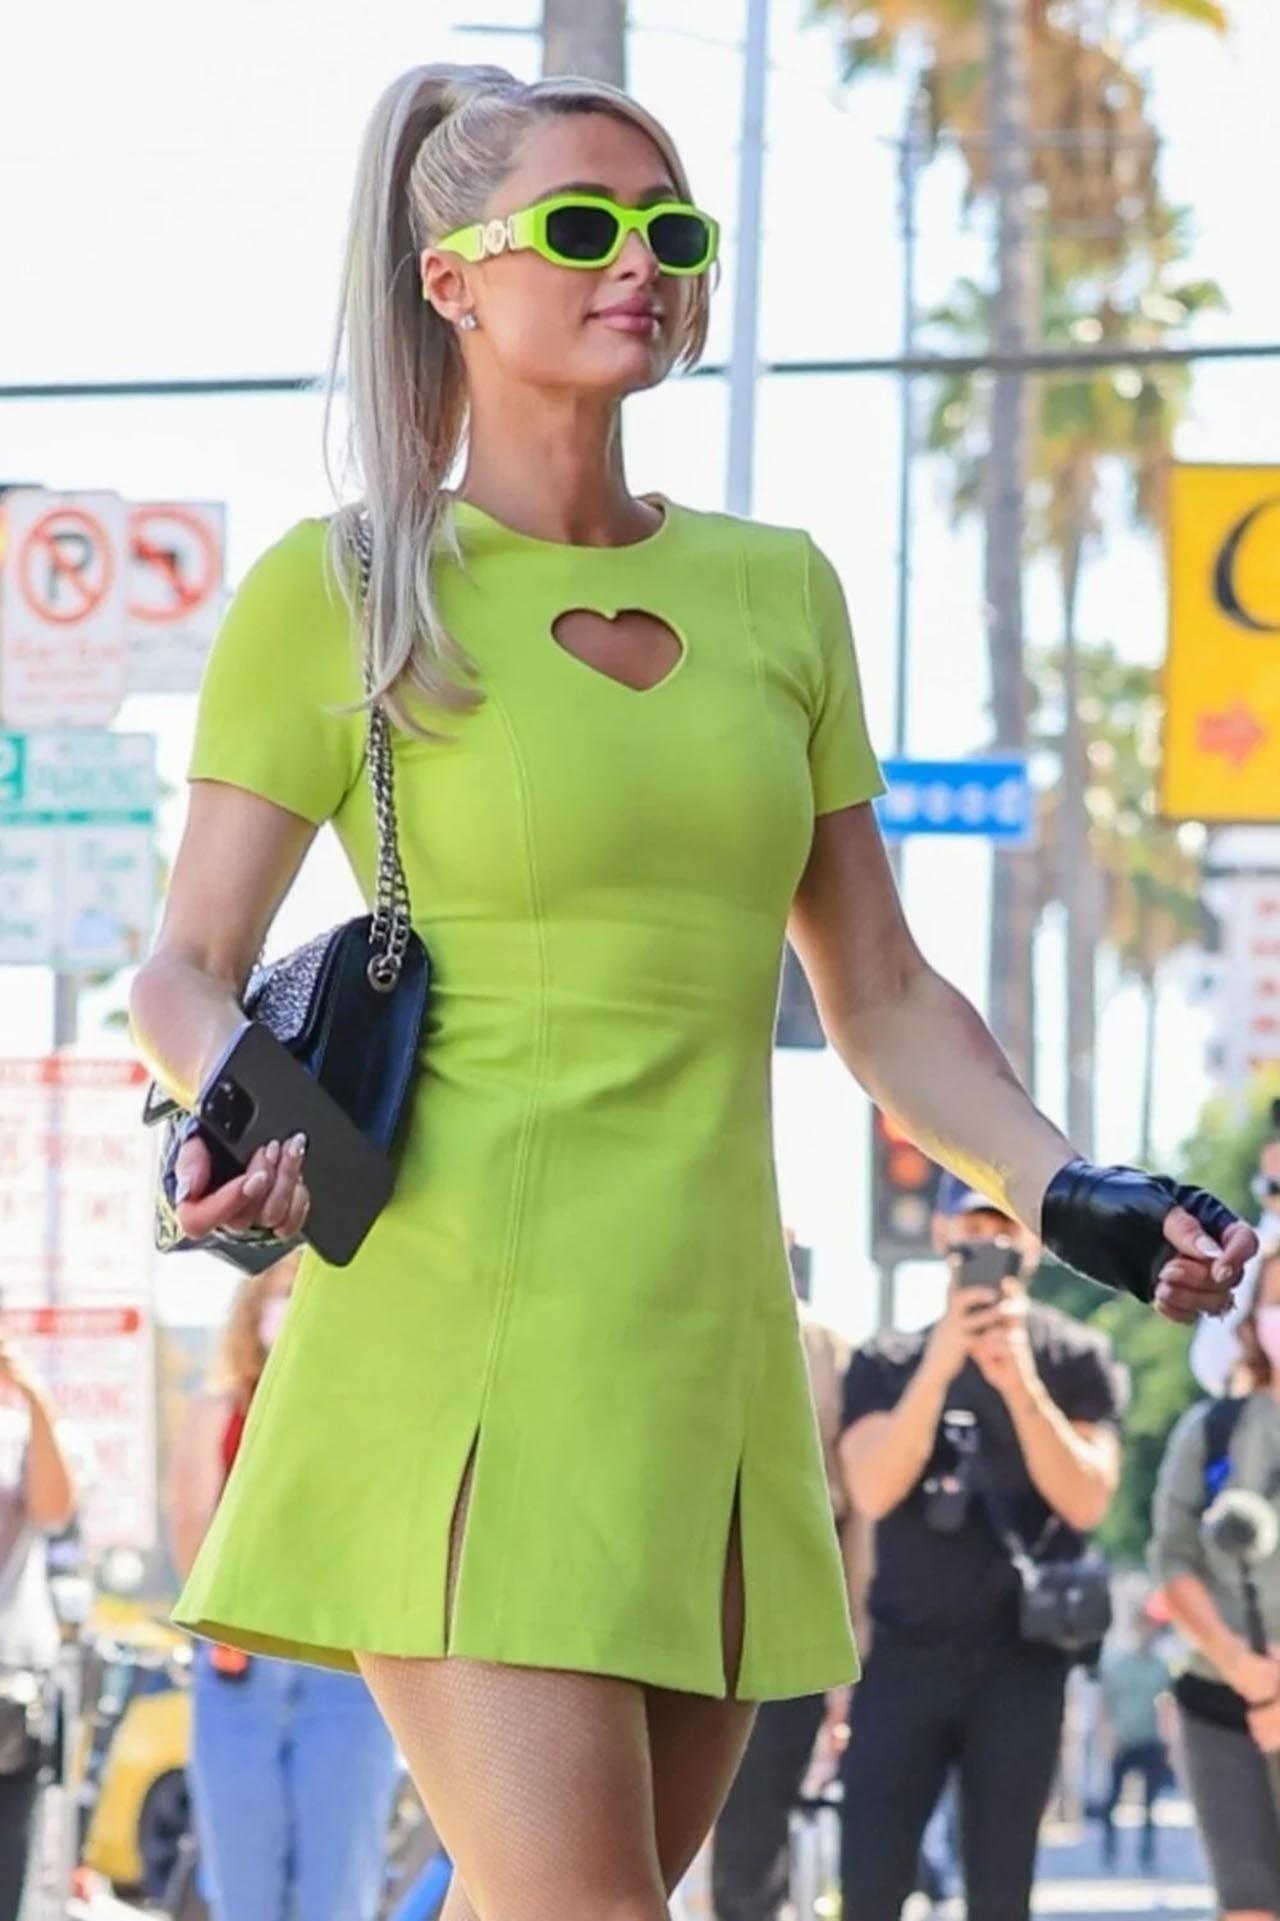 Paris Hilton'un bekarlığa veda partisi bitmek bilmiyor - Resim: 1